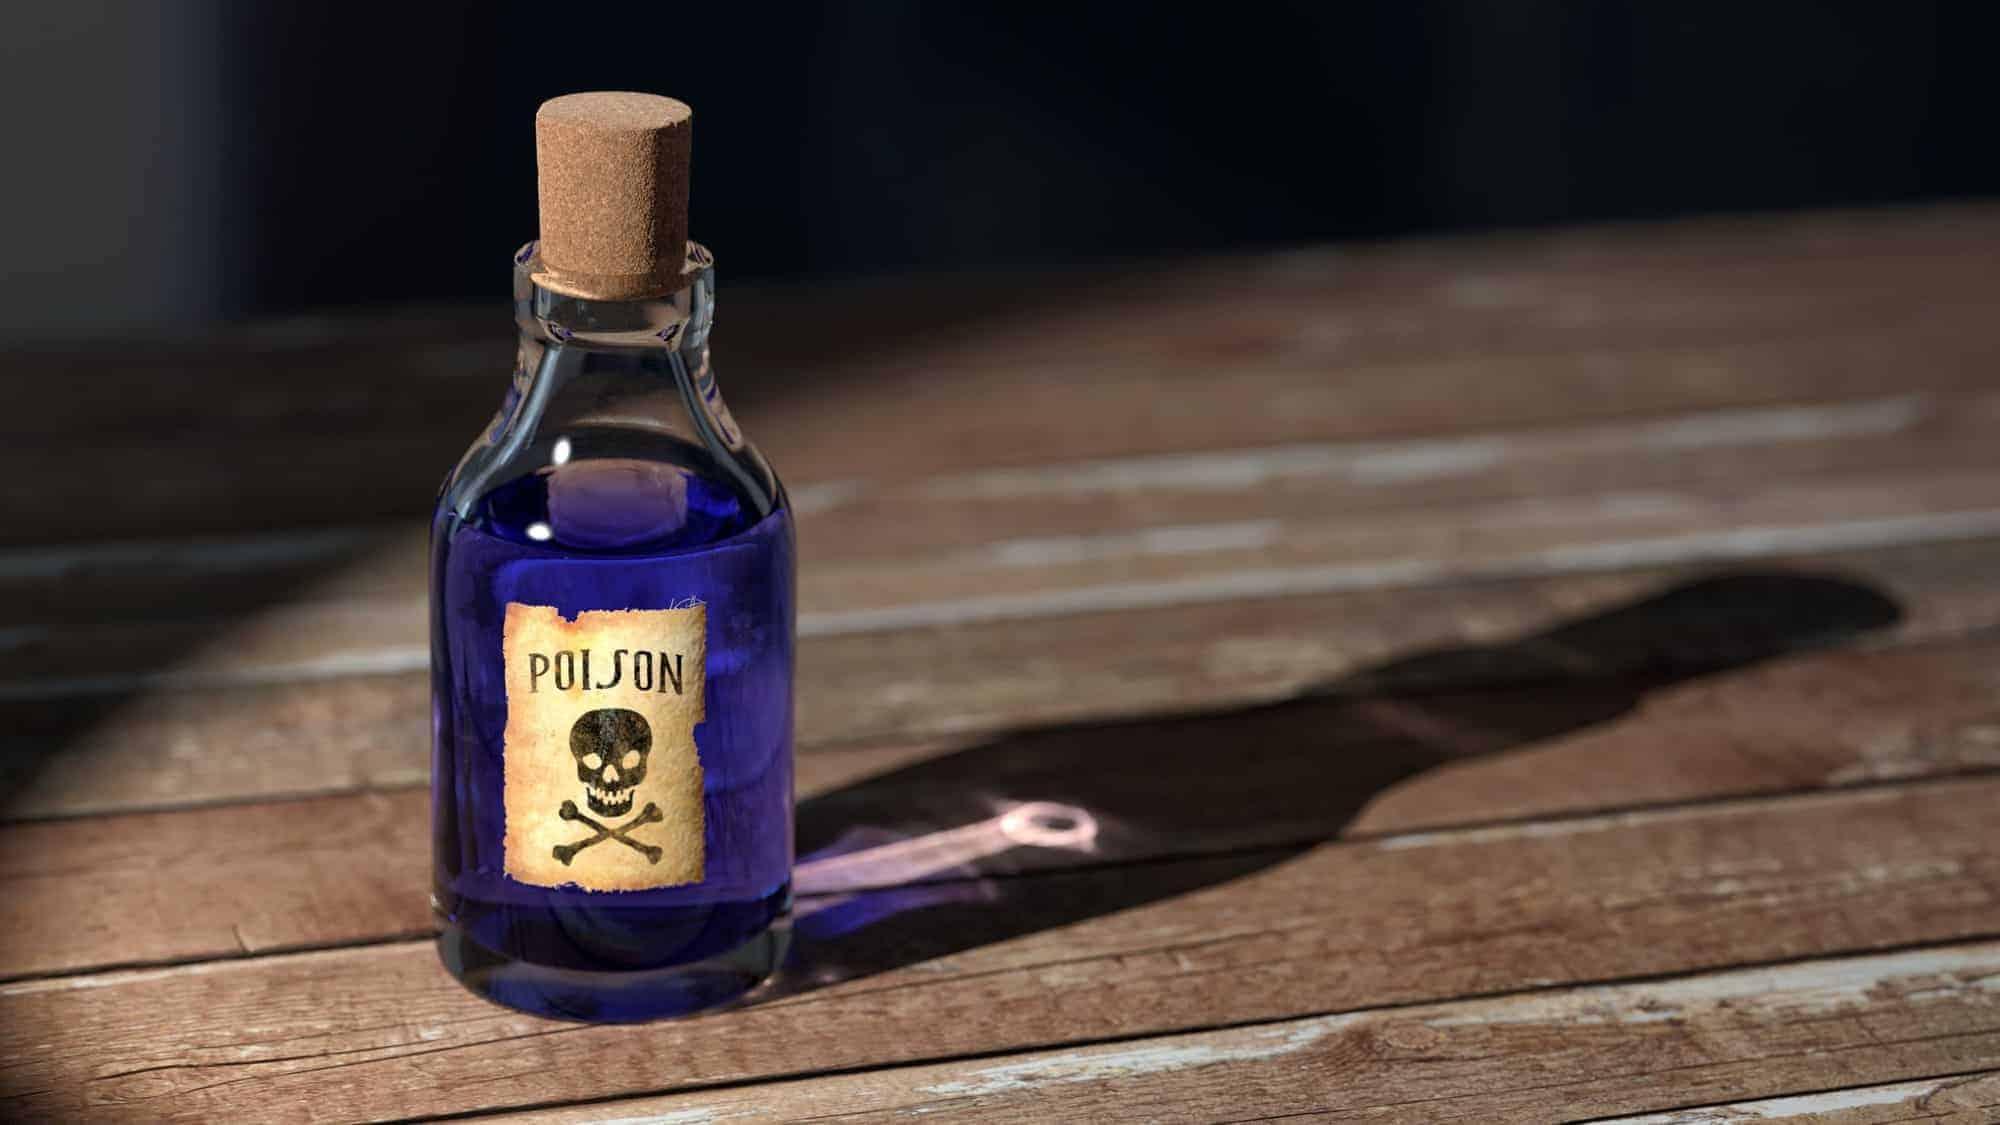 poison bottle medicine old 159296